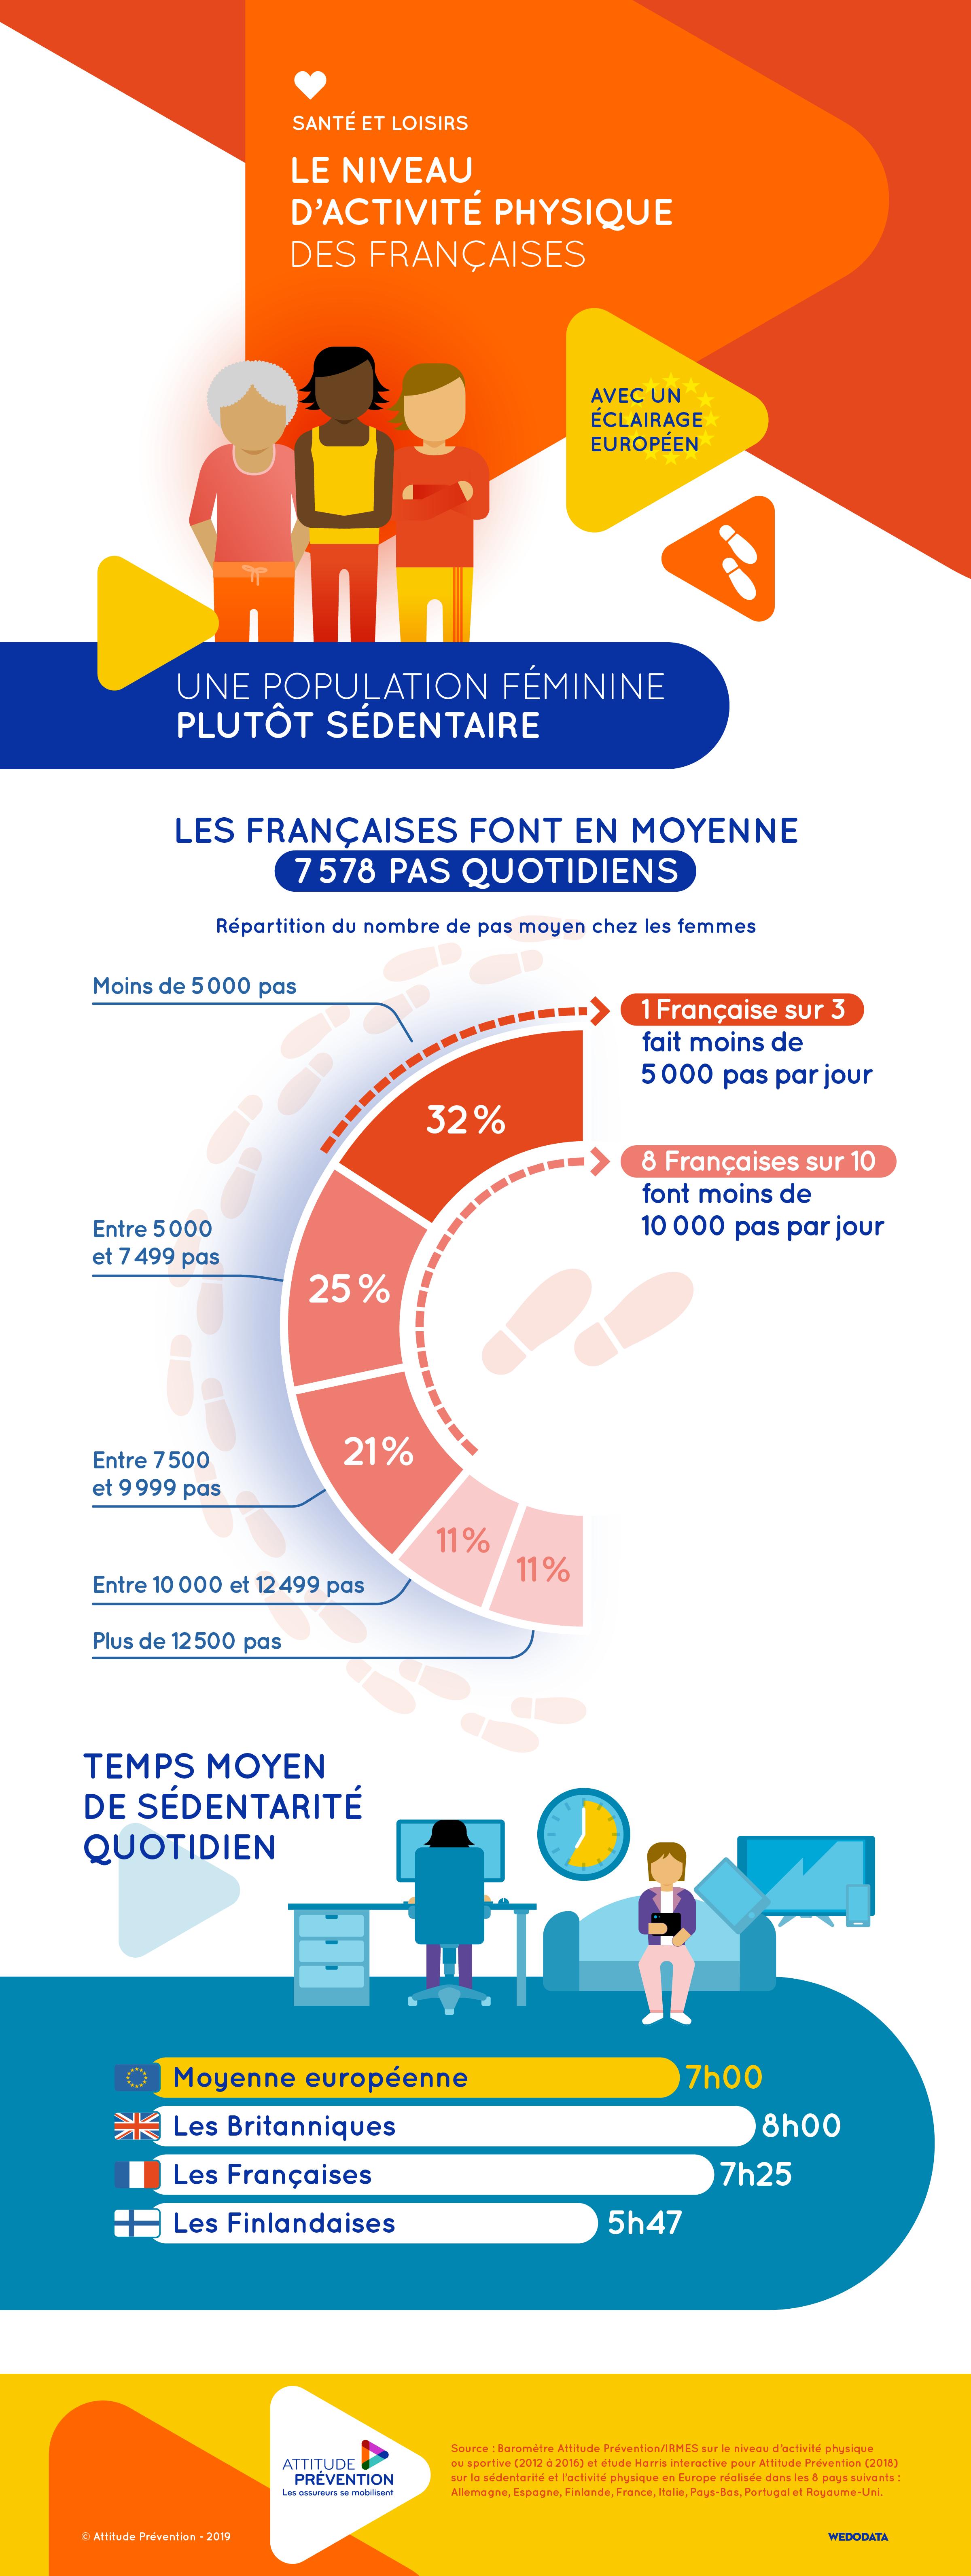 2019.05 Infographie niveau activite physique francaises eclairage europeen